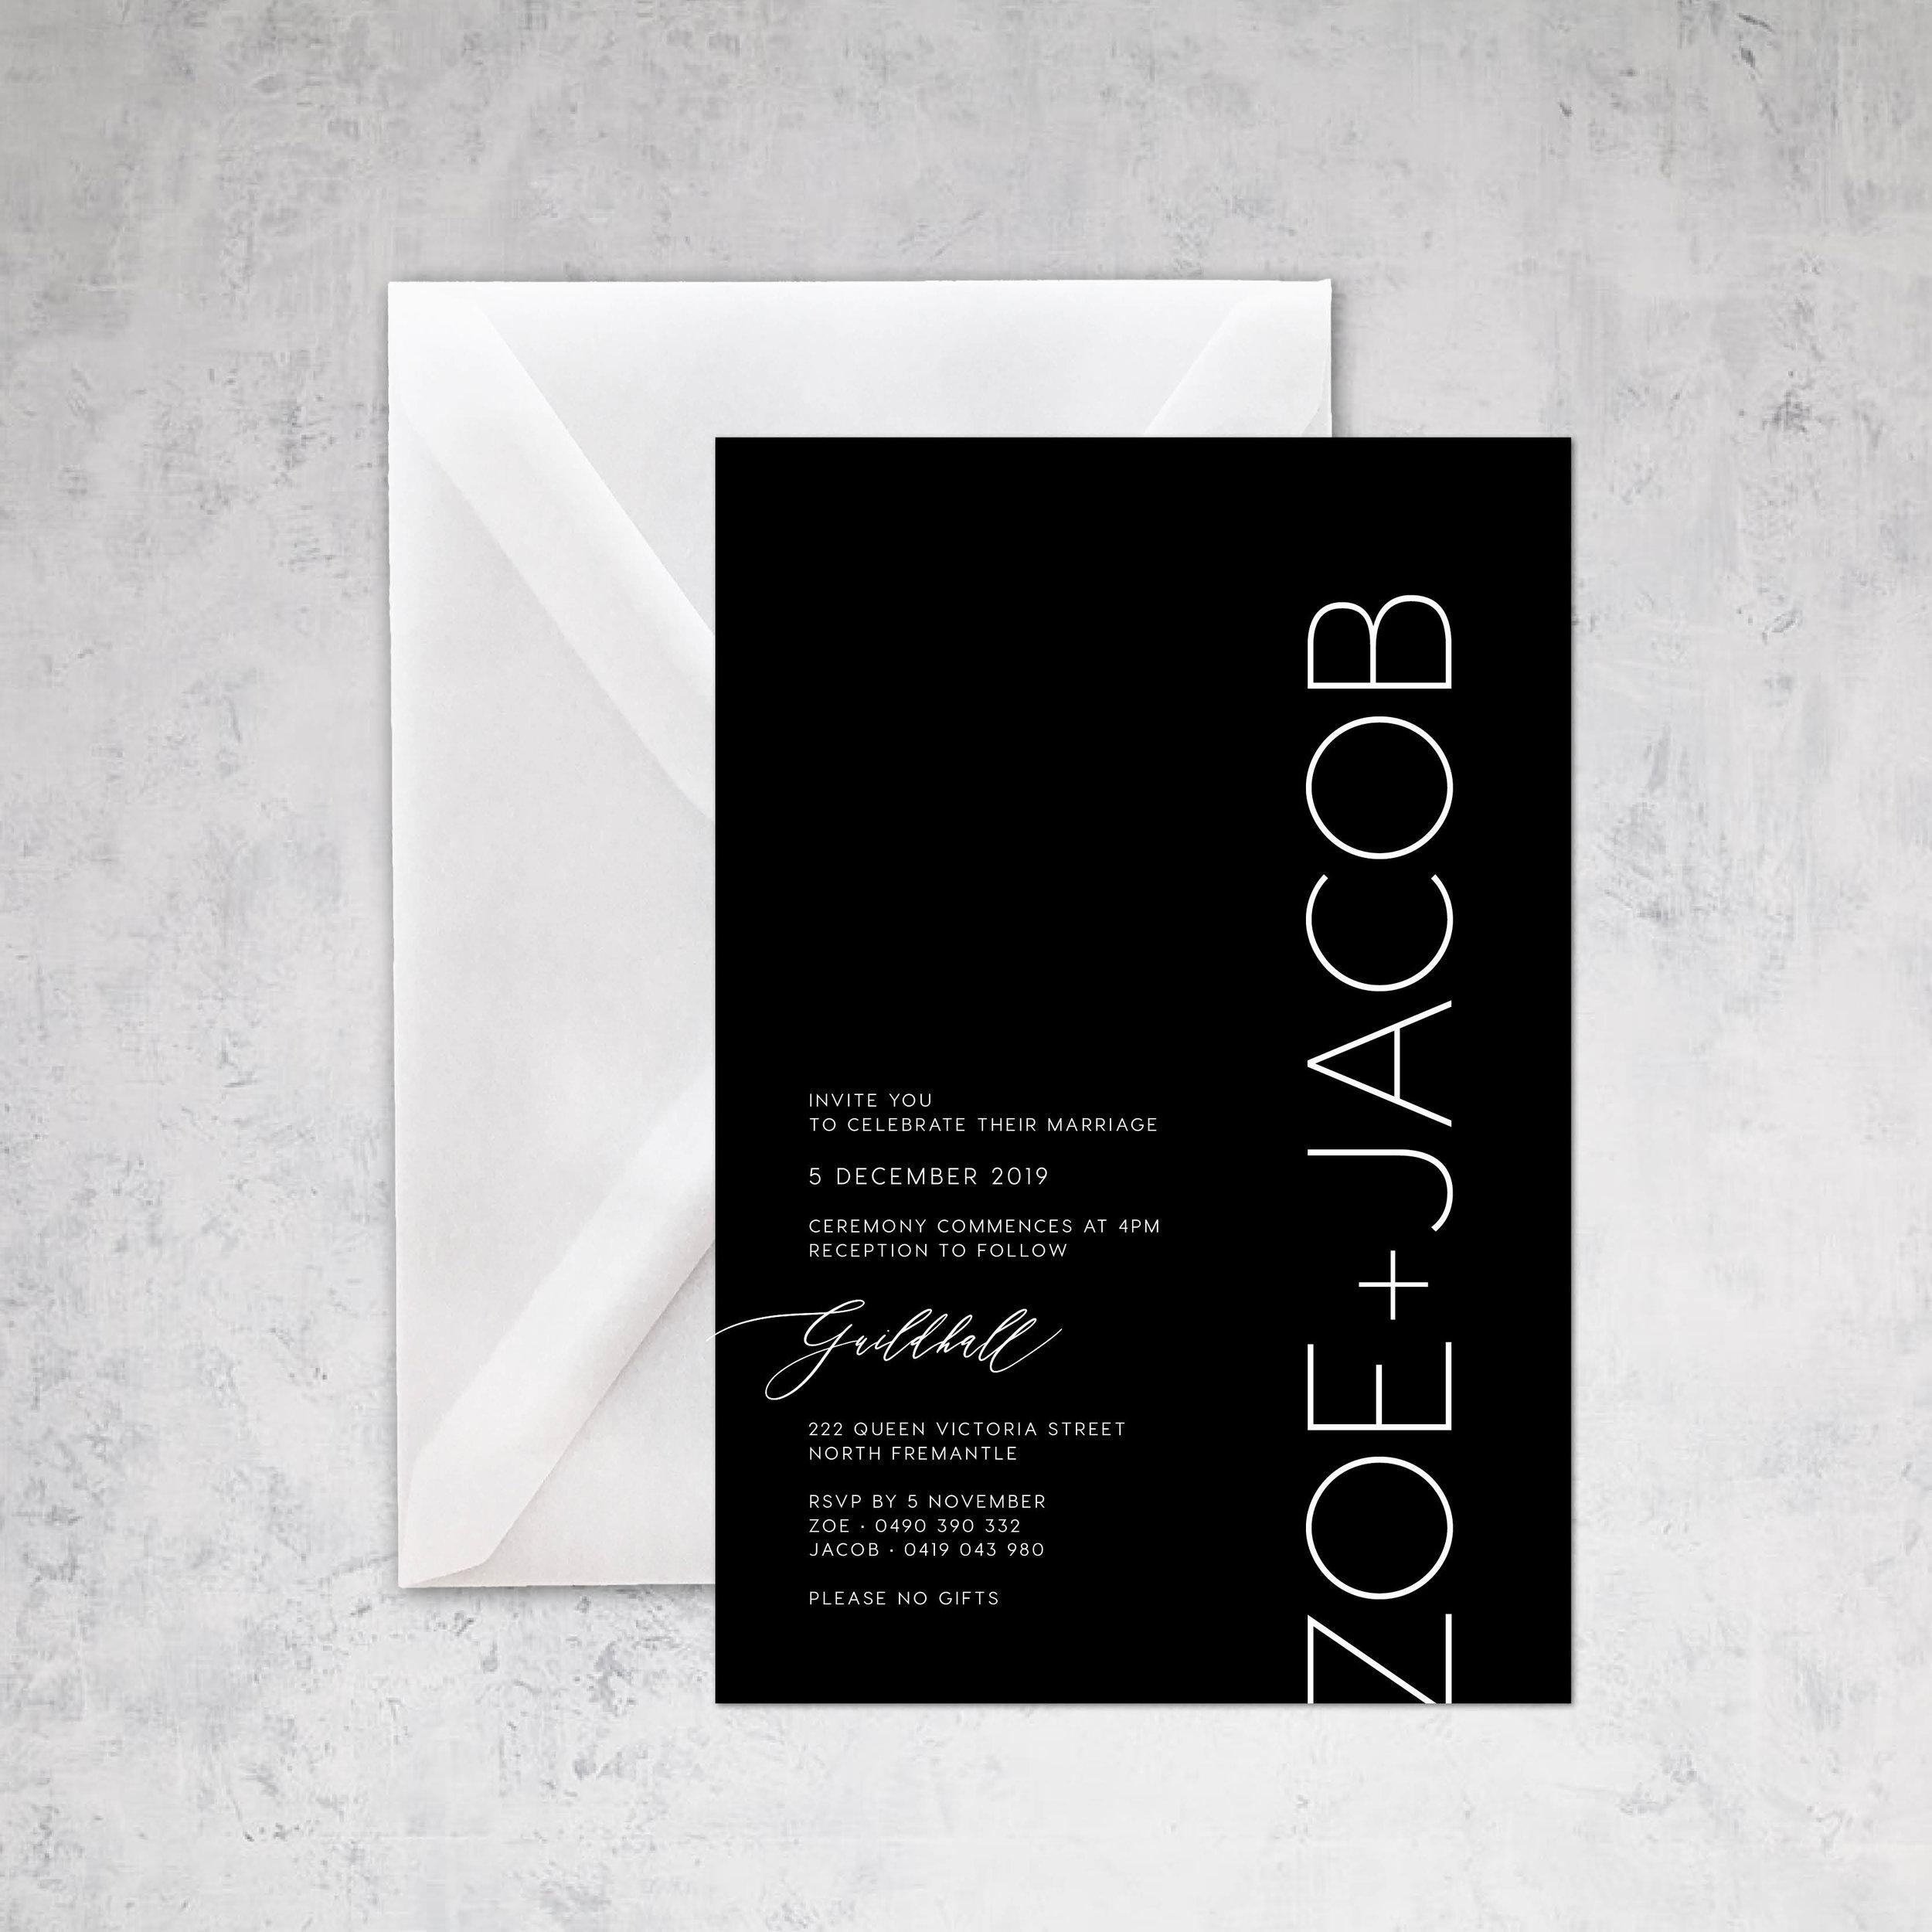 DESIGN ZOE + JACOB